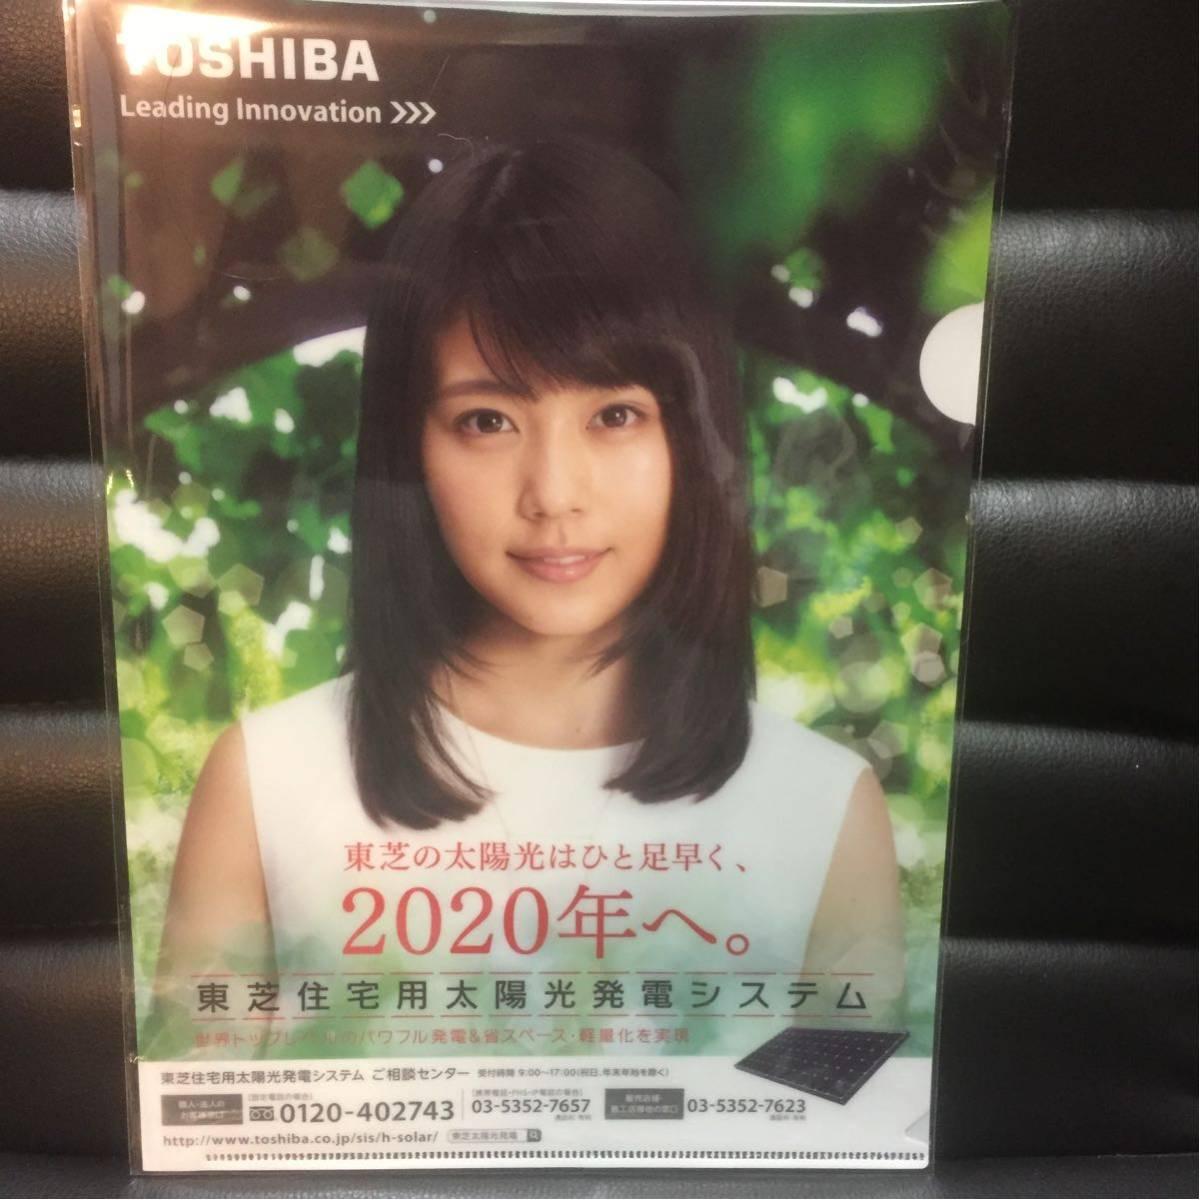 未使用★有村架純★非売品クリアファイル/TOSHIBA東芝の太陽光は2020年へ★_画像2